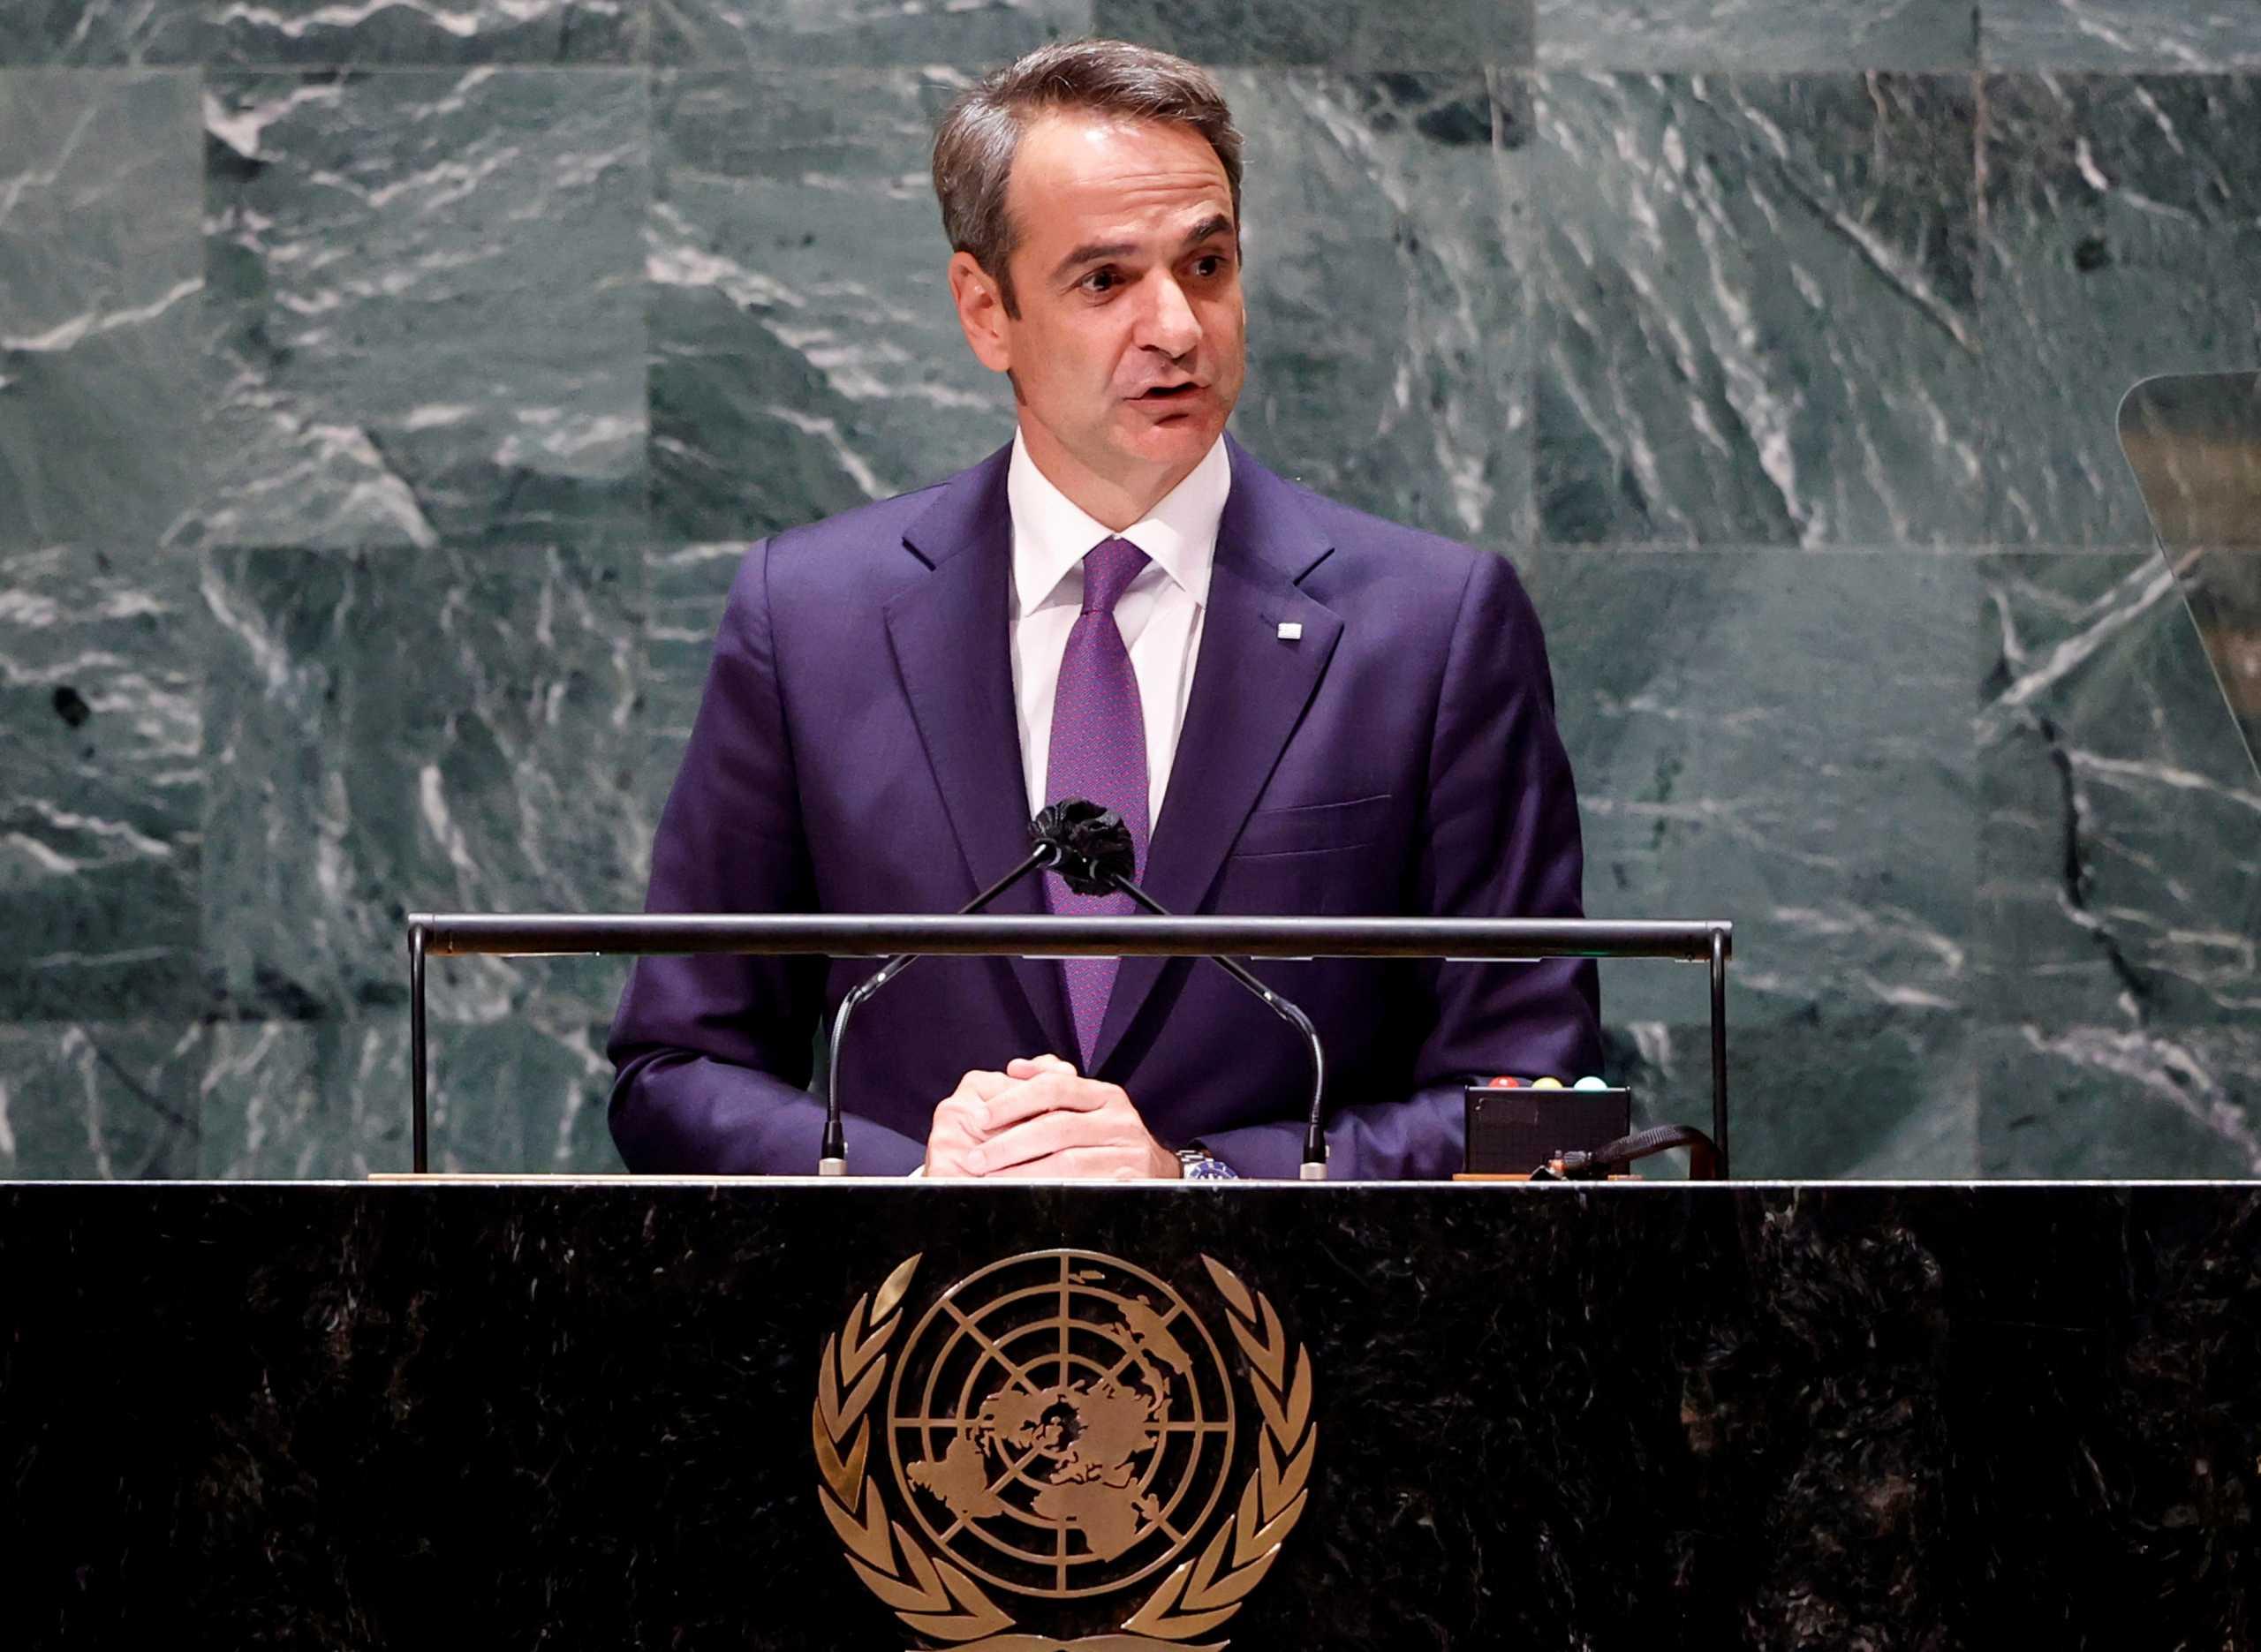 Κυριάκος Μητσοτάκης: Η ομιλία του στη Γενική Συνέλευση του ΟΗΕ